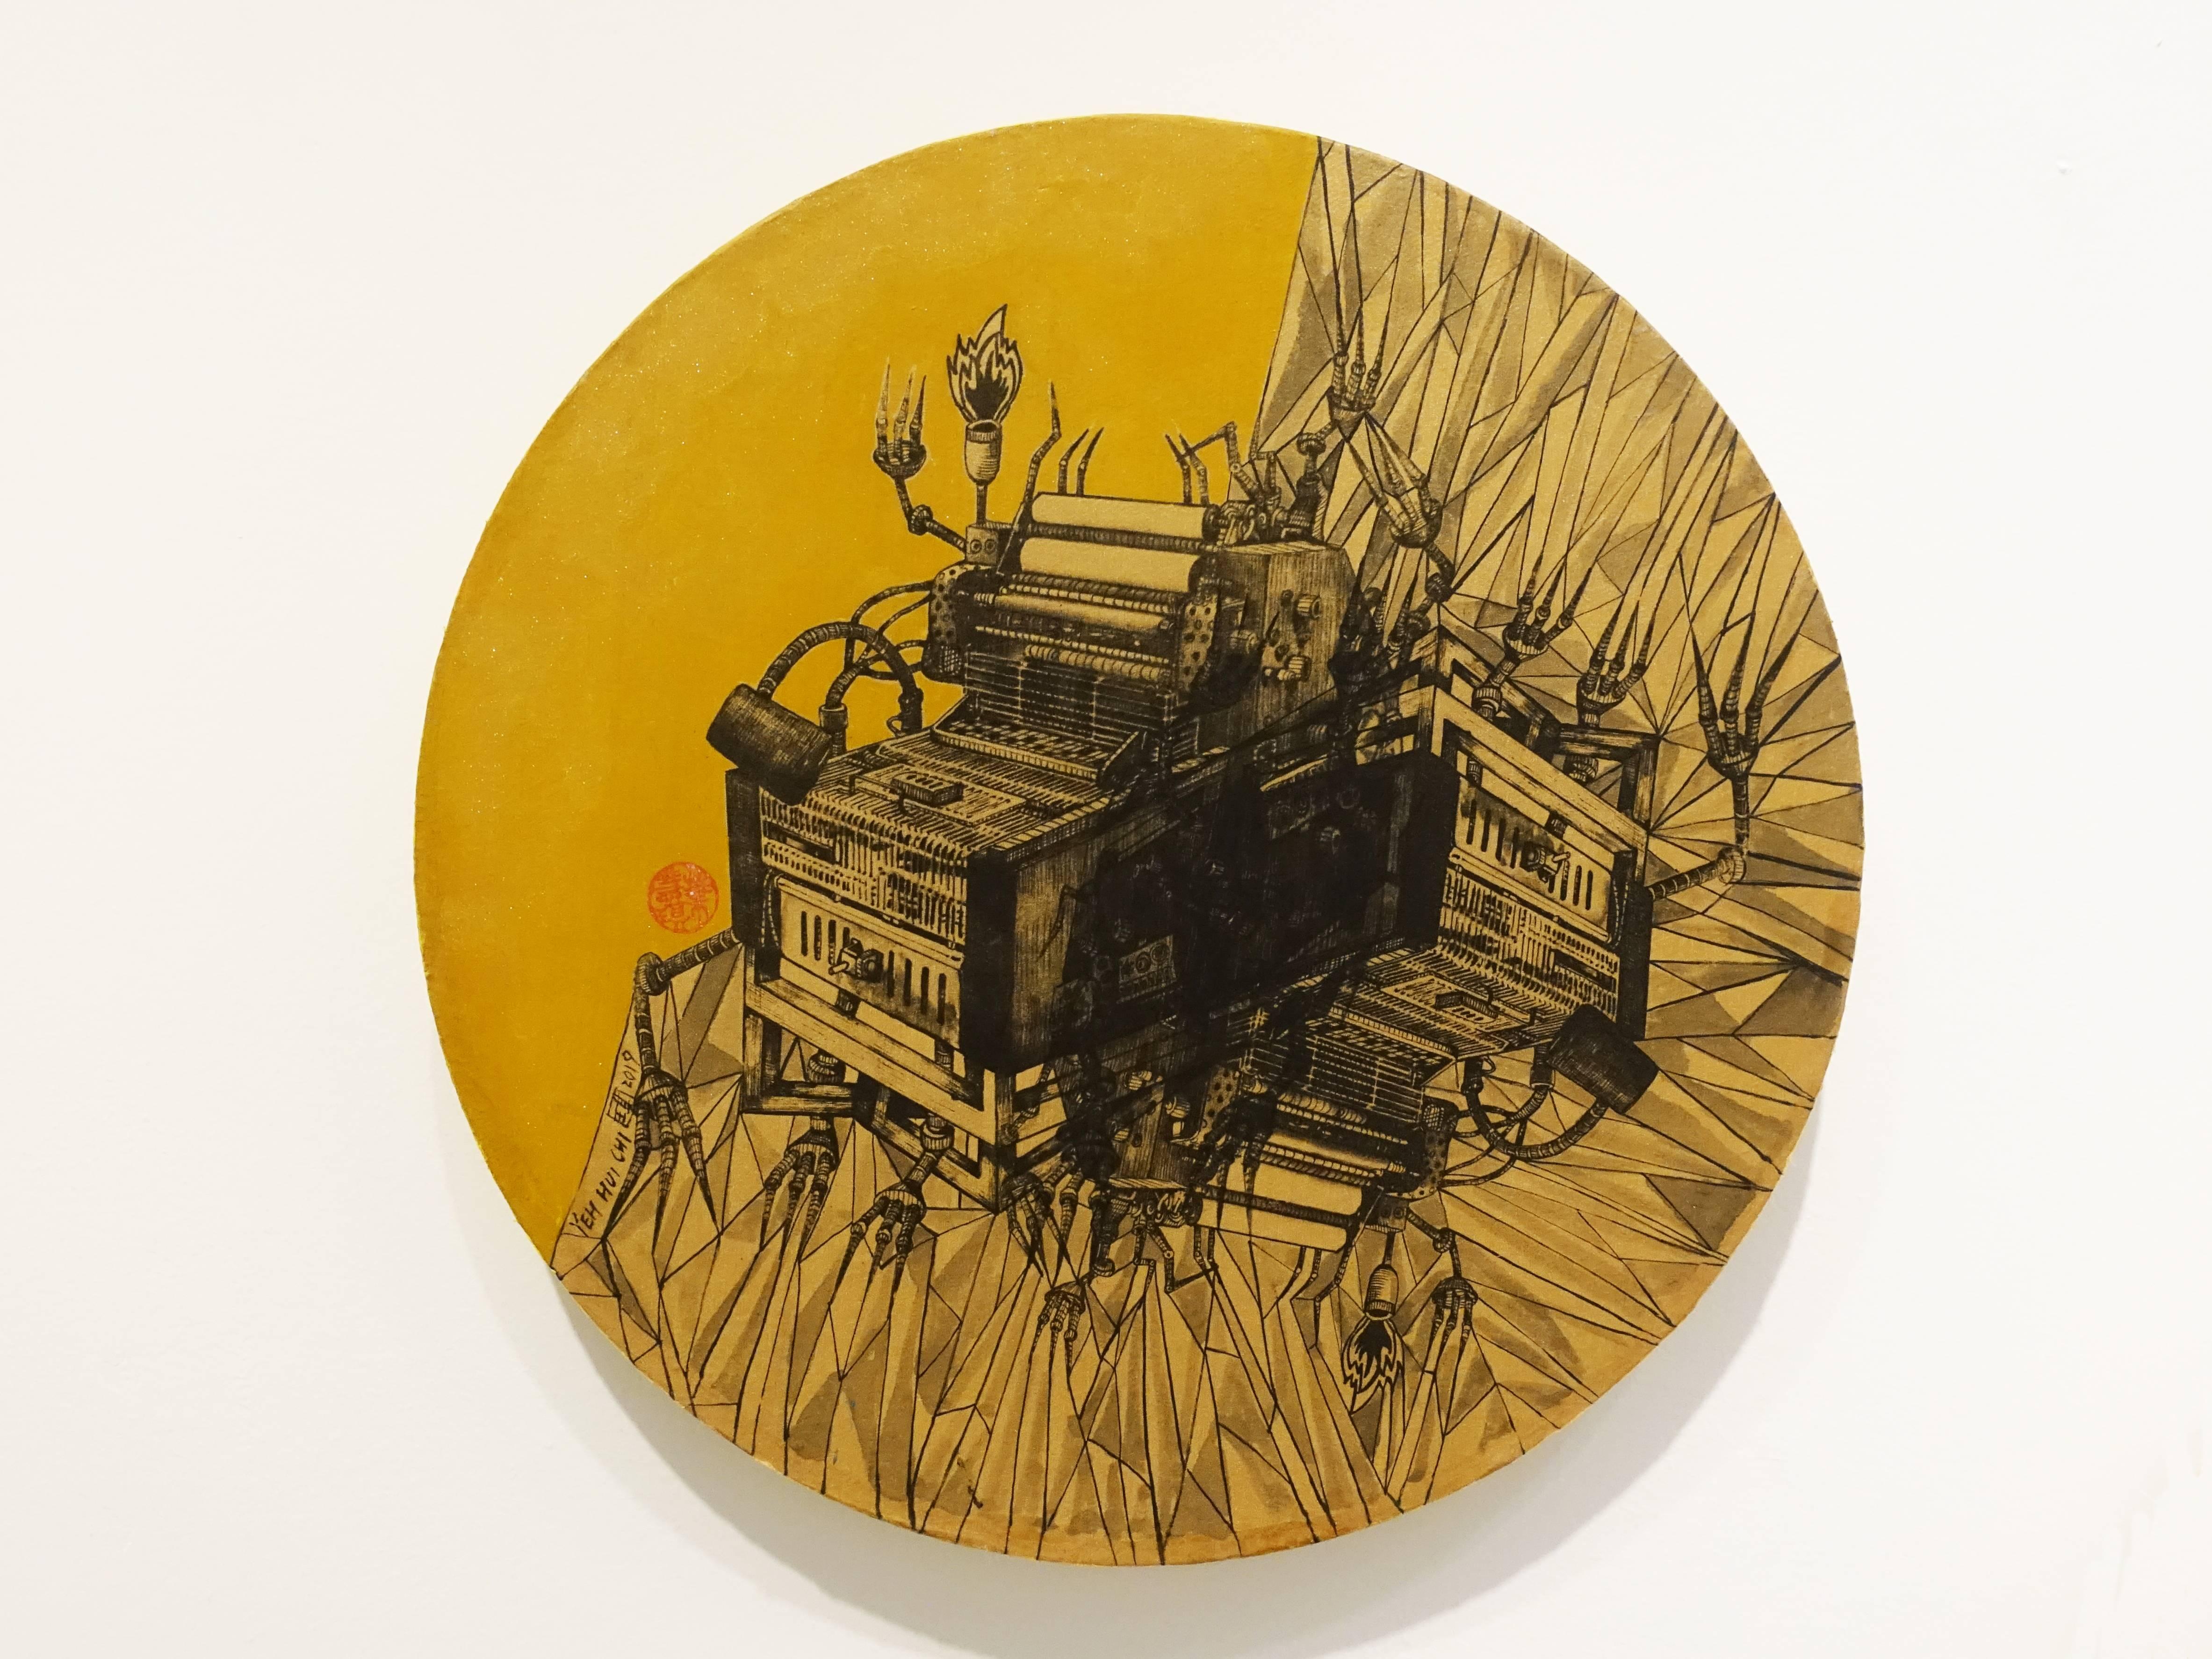 葉慧琪,《機械群42》,30 x 30 cm,綜合媒材、絹布。